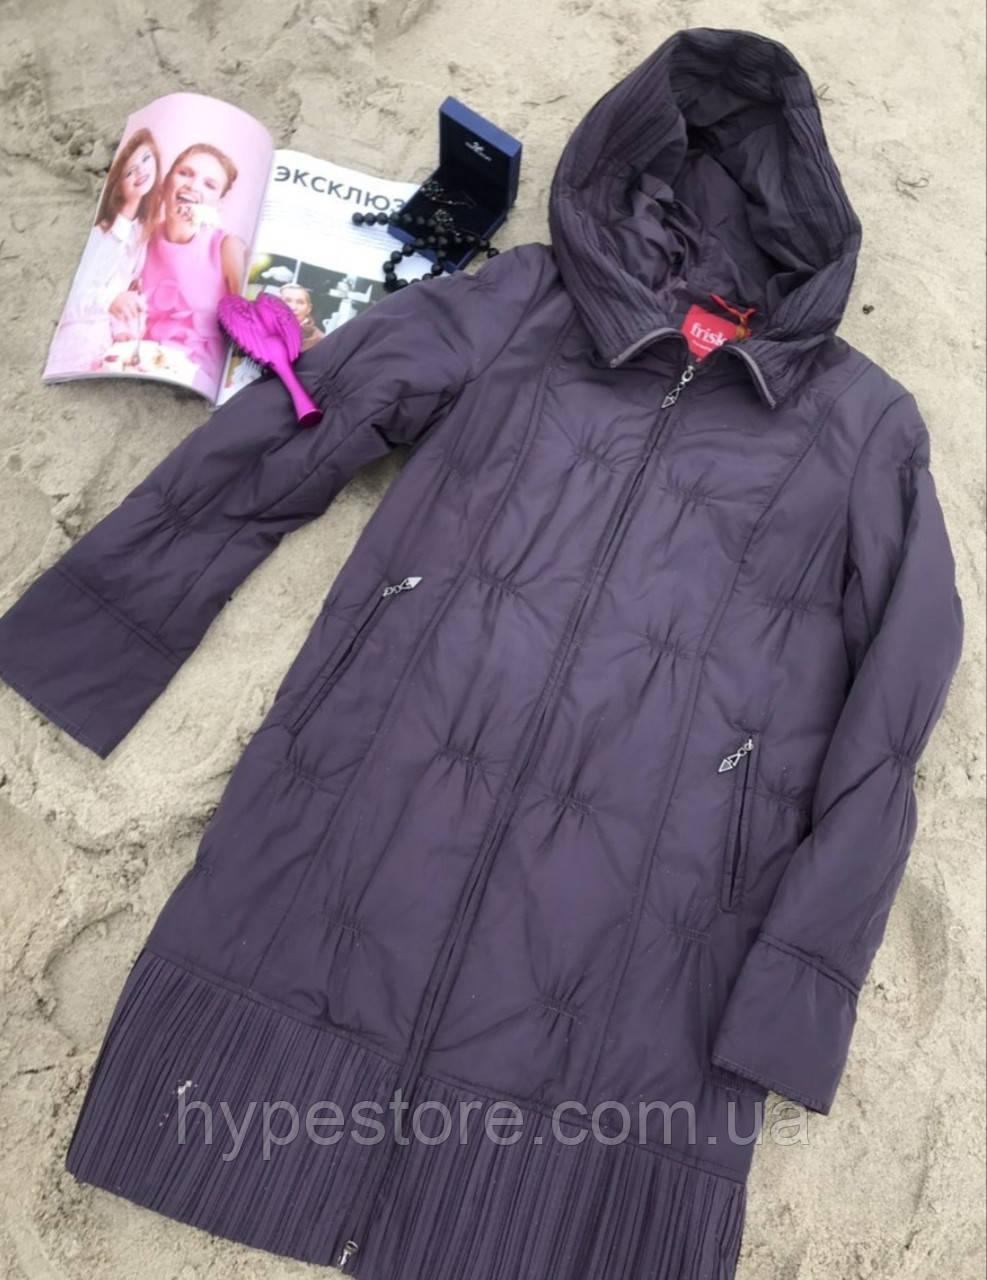 Удлиненная женская демисезонная куртка, пальто,полупальто